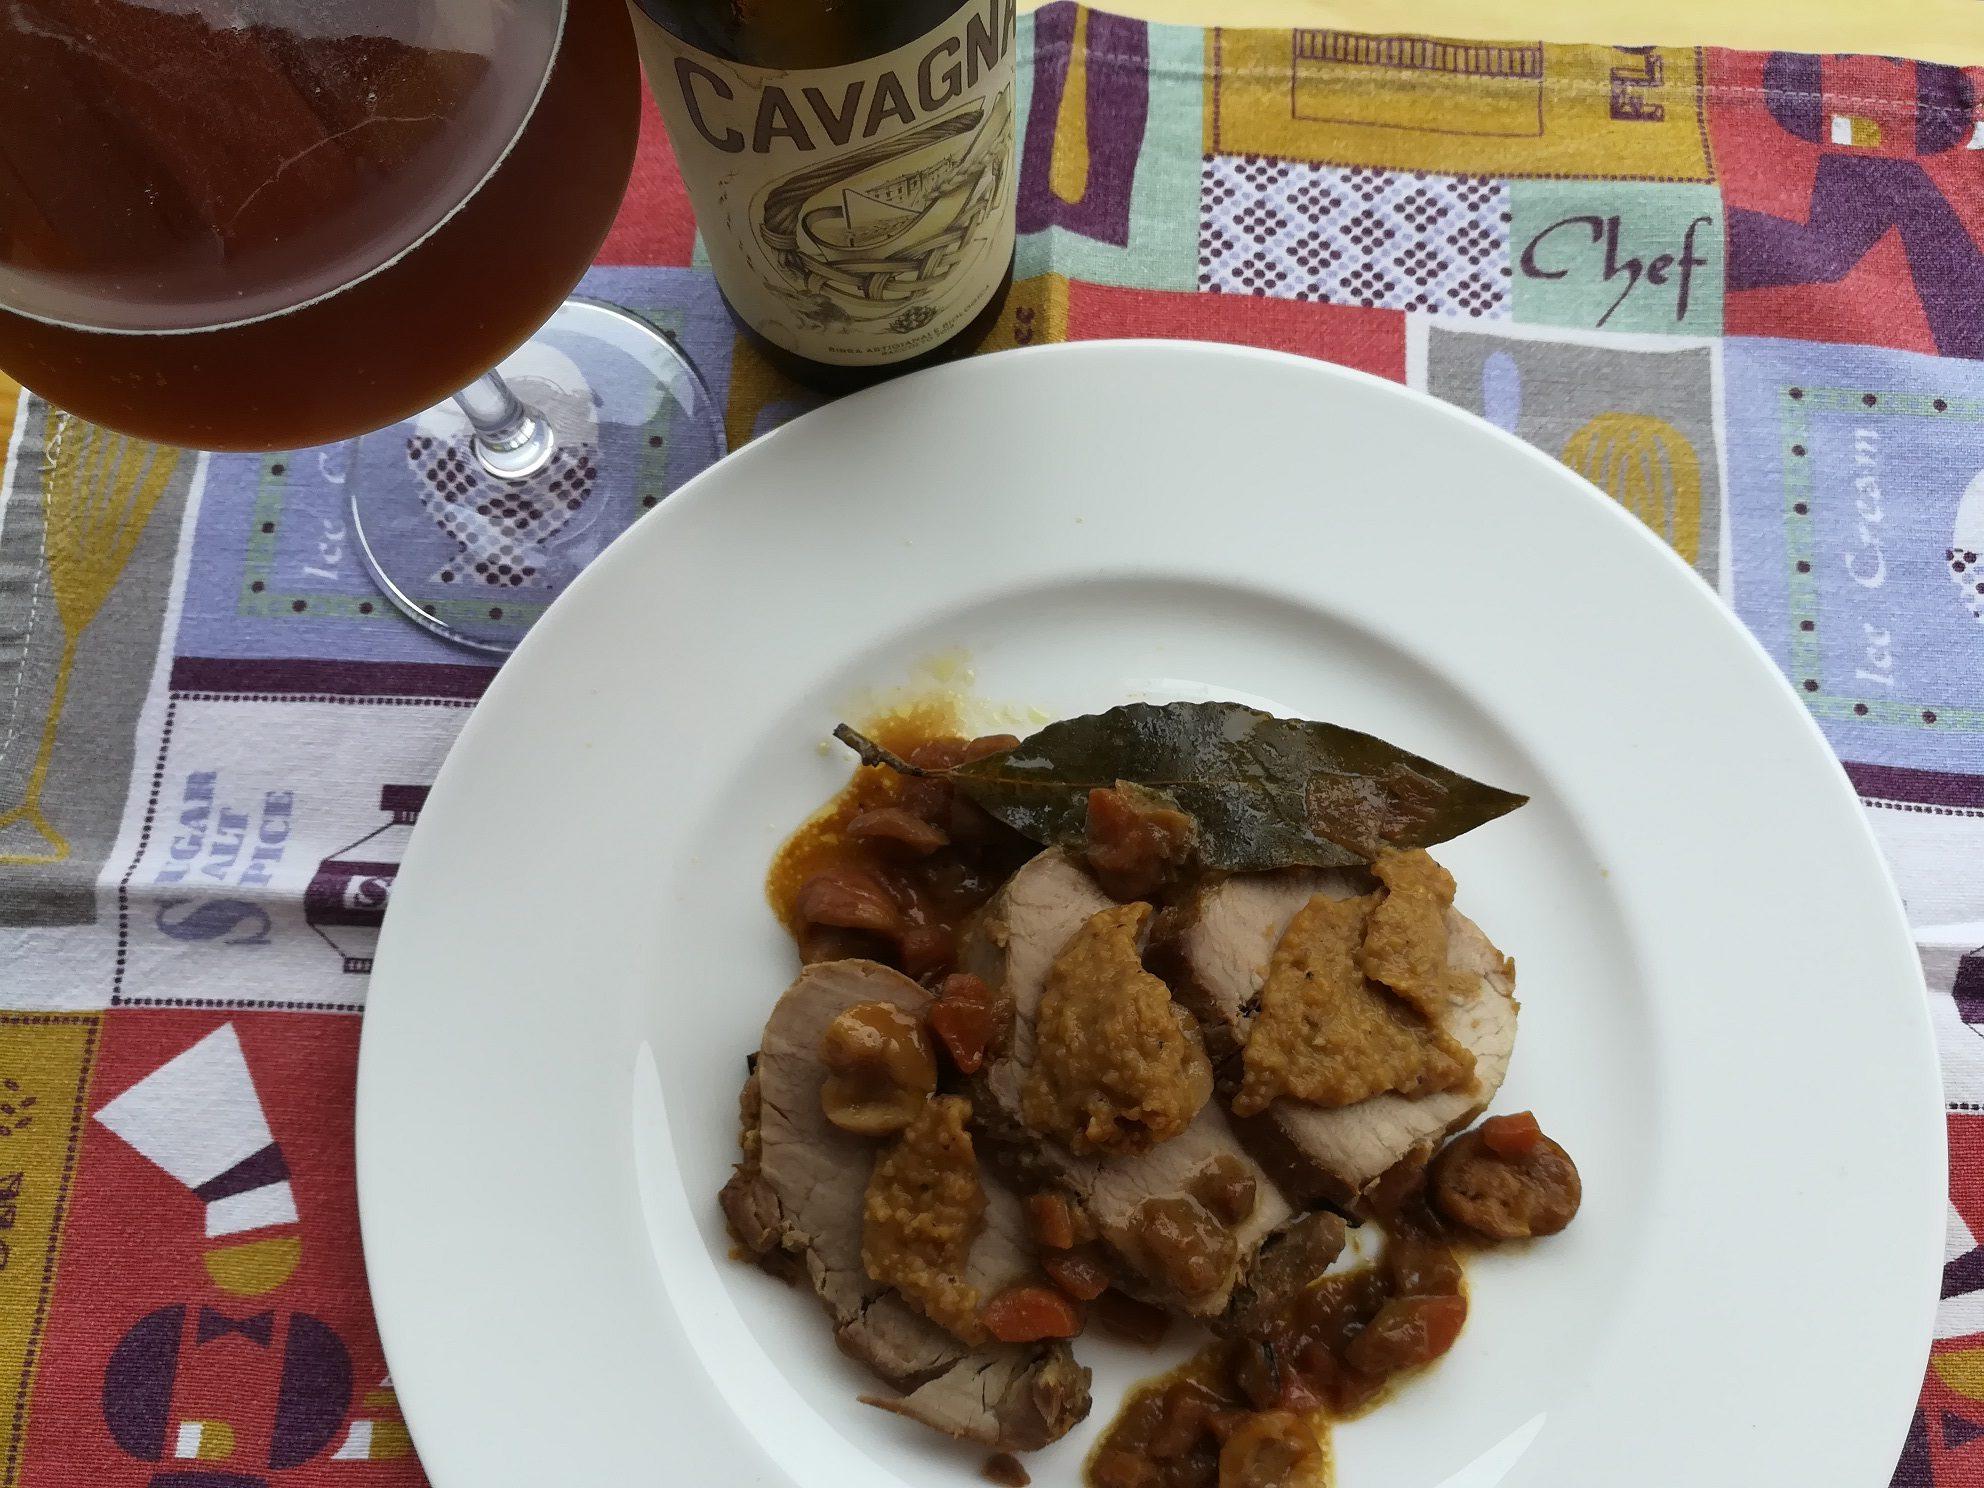 Filetto di maiale alle castagne e birra contadina Cavagna®